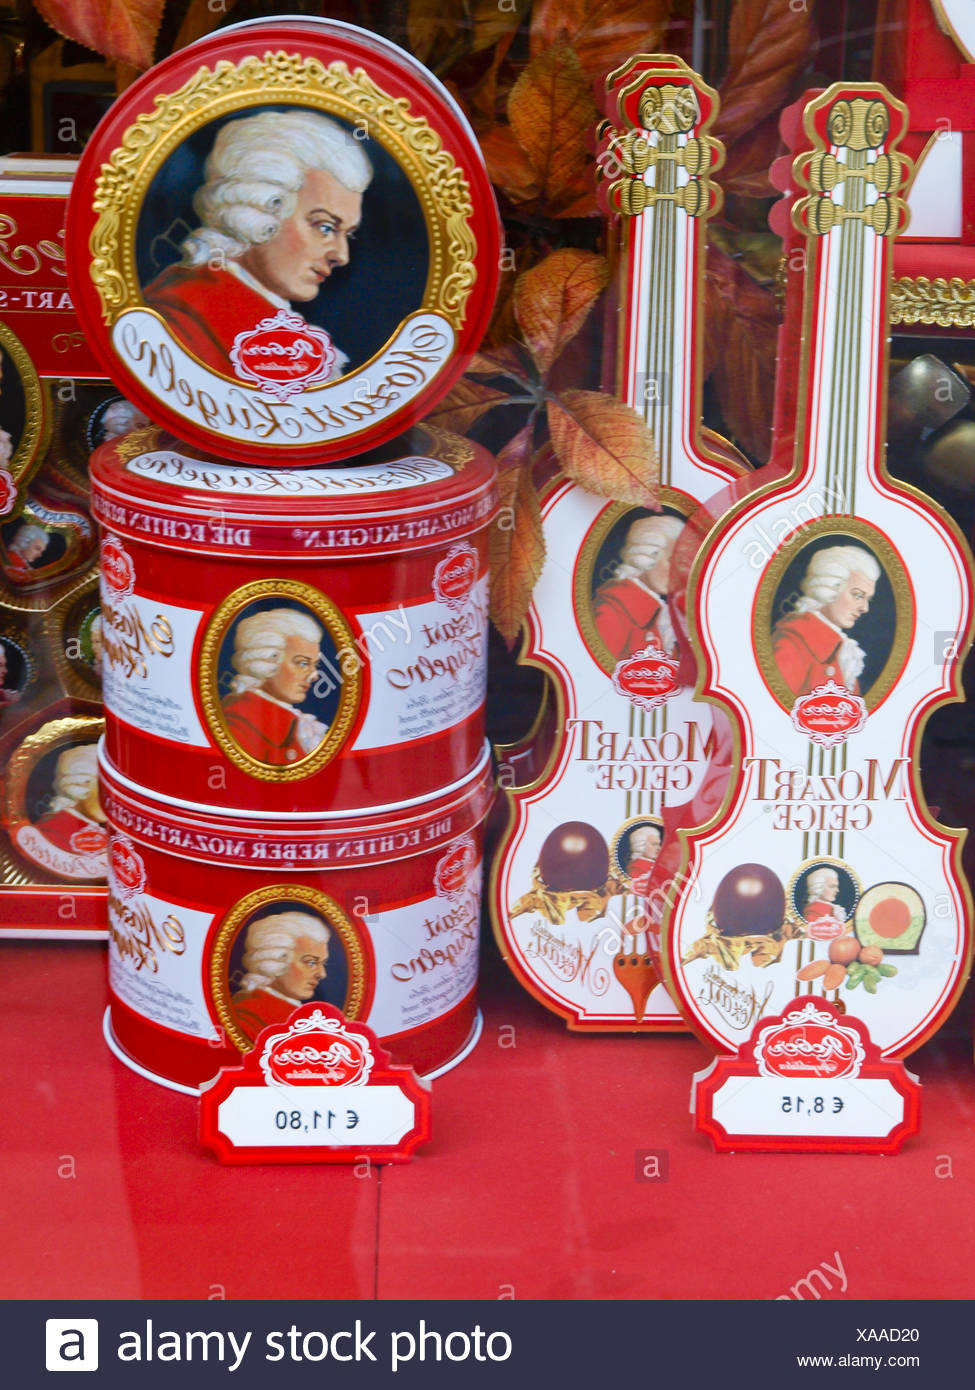 Salzburger Mozartkugel, Österreich, Salzburg, Salzburg Stadt Stock Photo